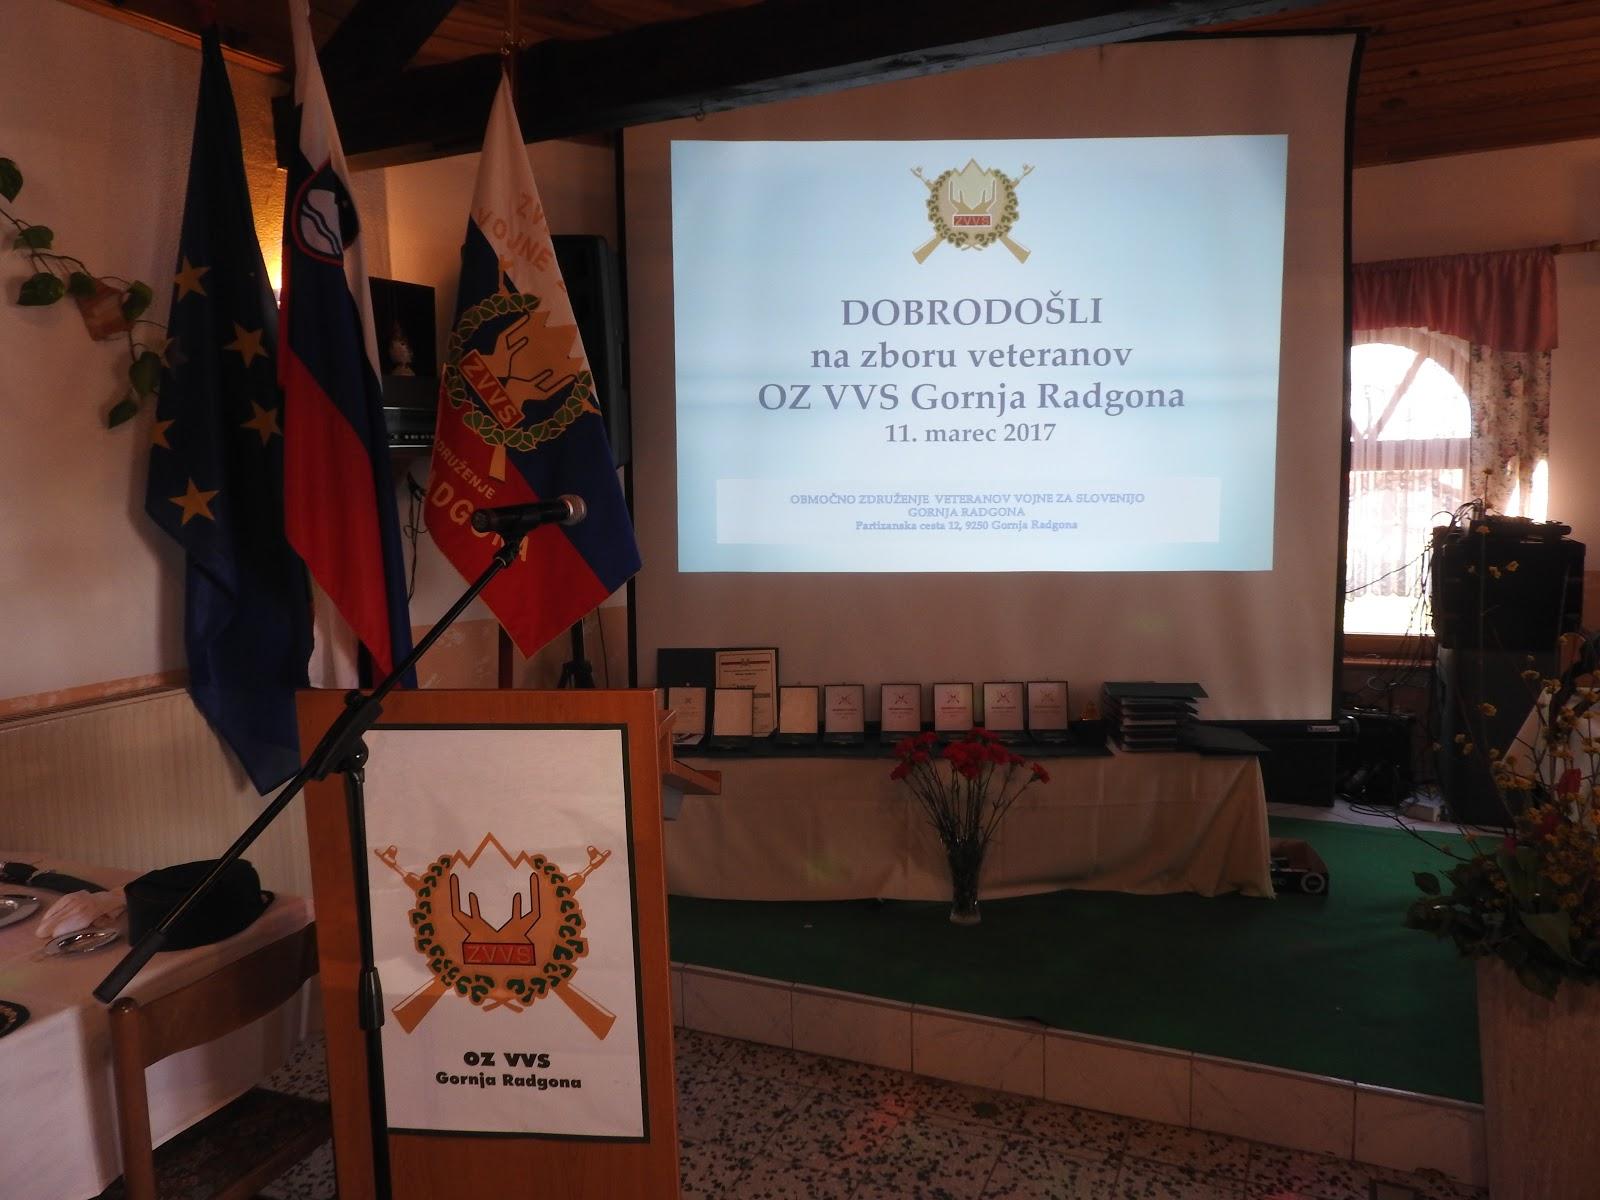 Zbor OZVVS Gornja Radgona v Nasovi 11. marec 2017